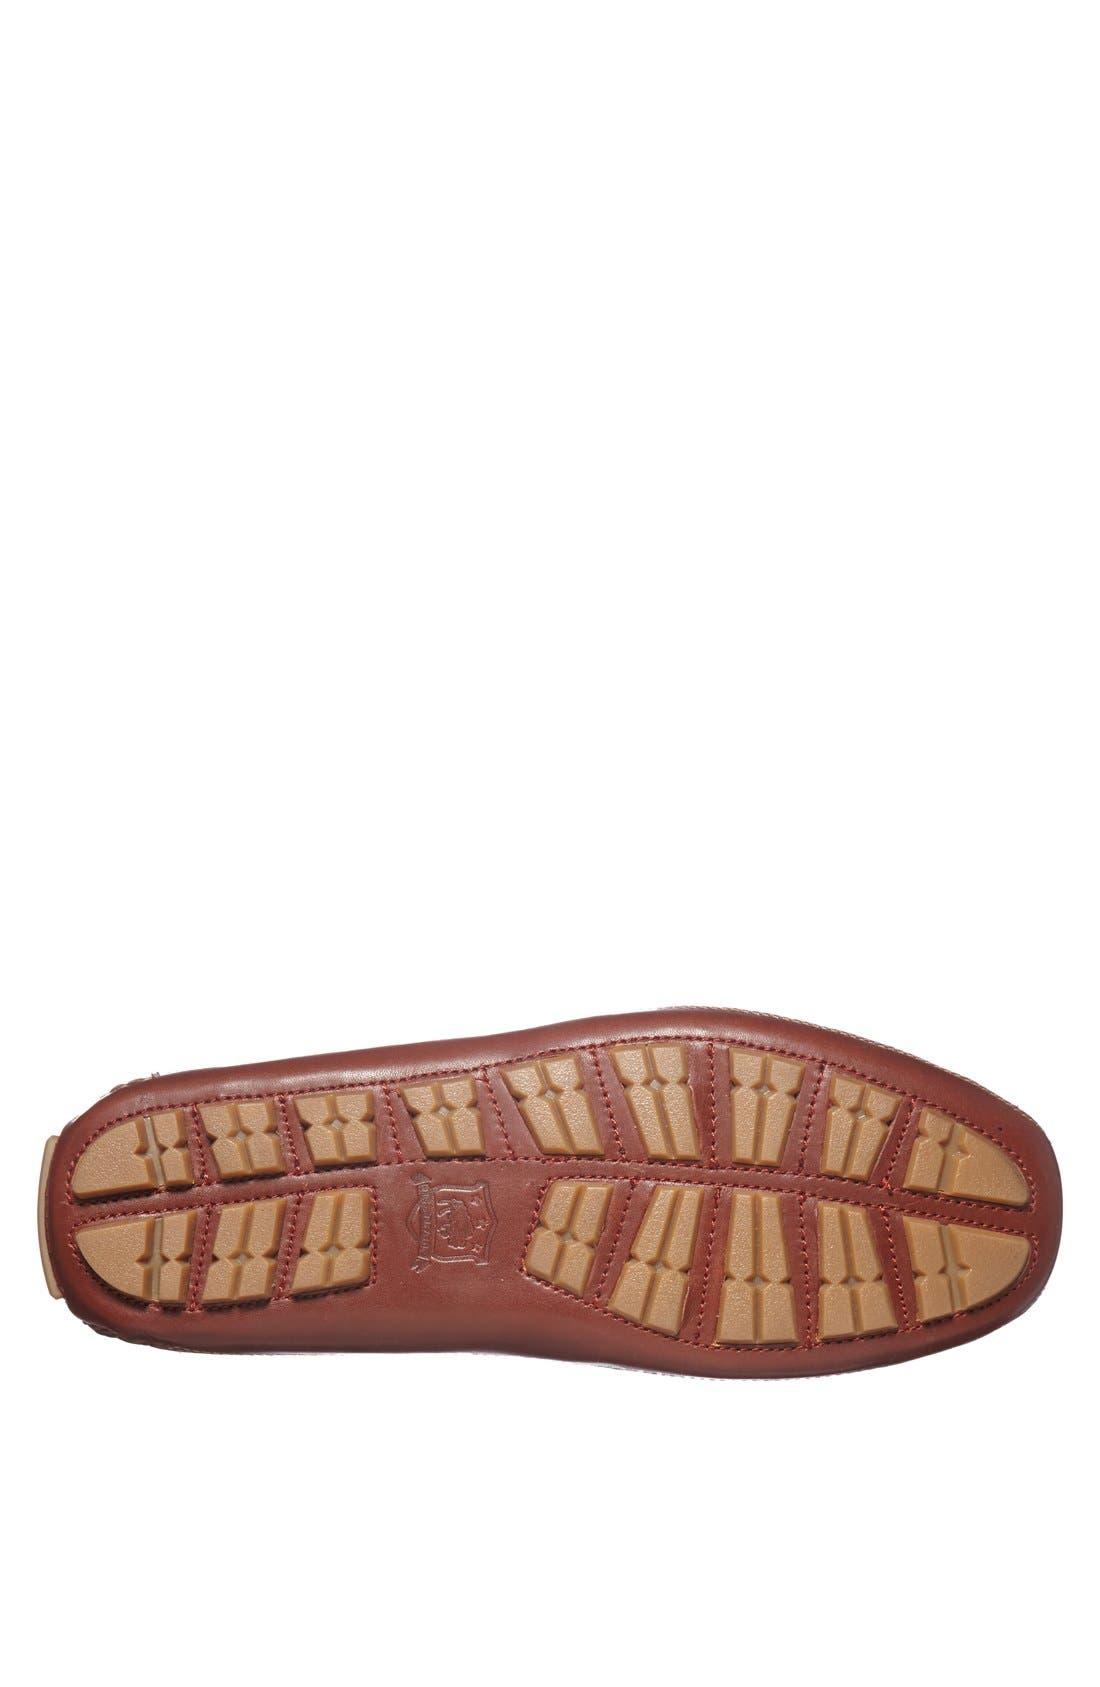 'Drake' Leather Driving Shoe,                             Alternate thumbnail 23, color,